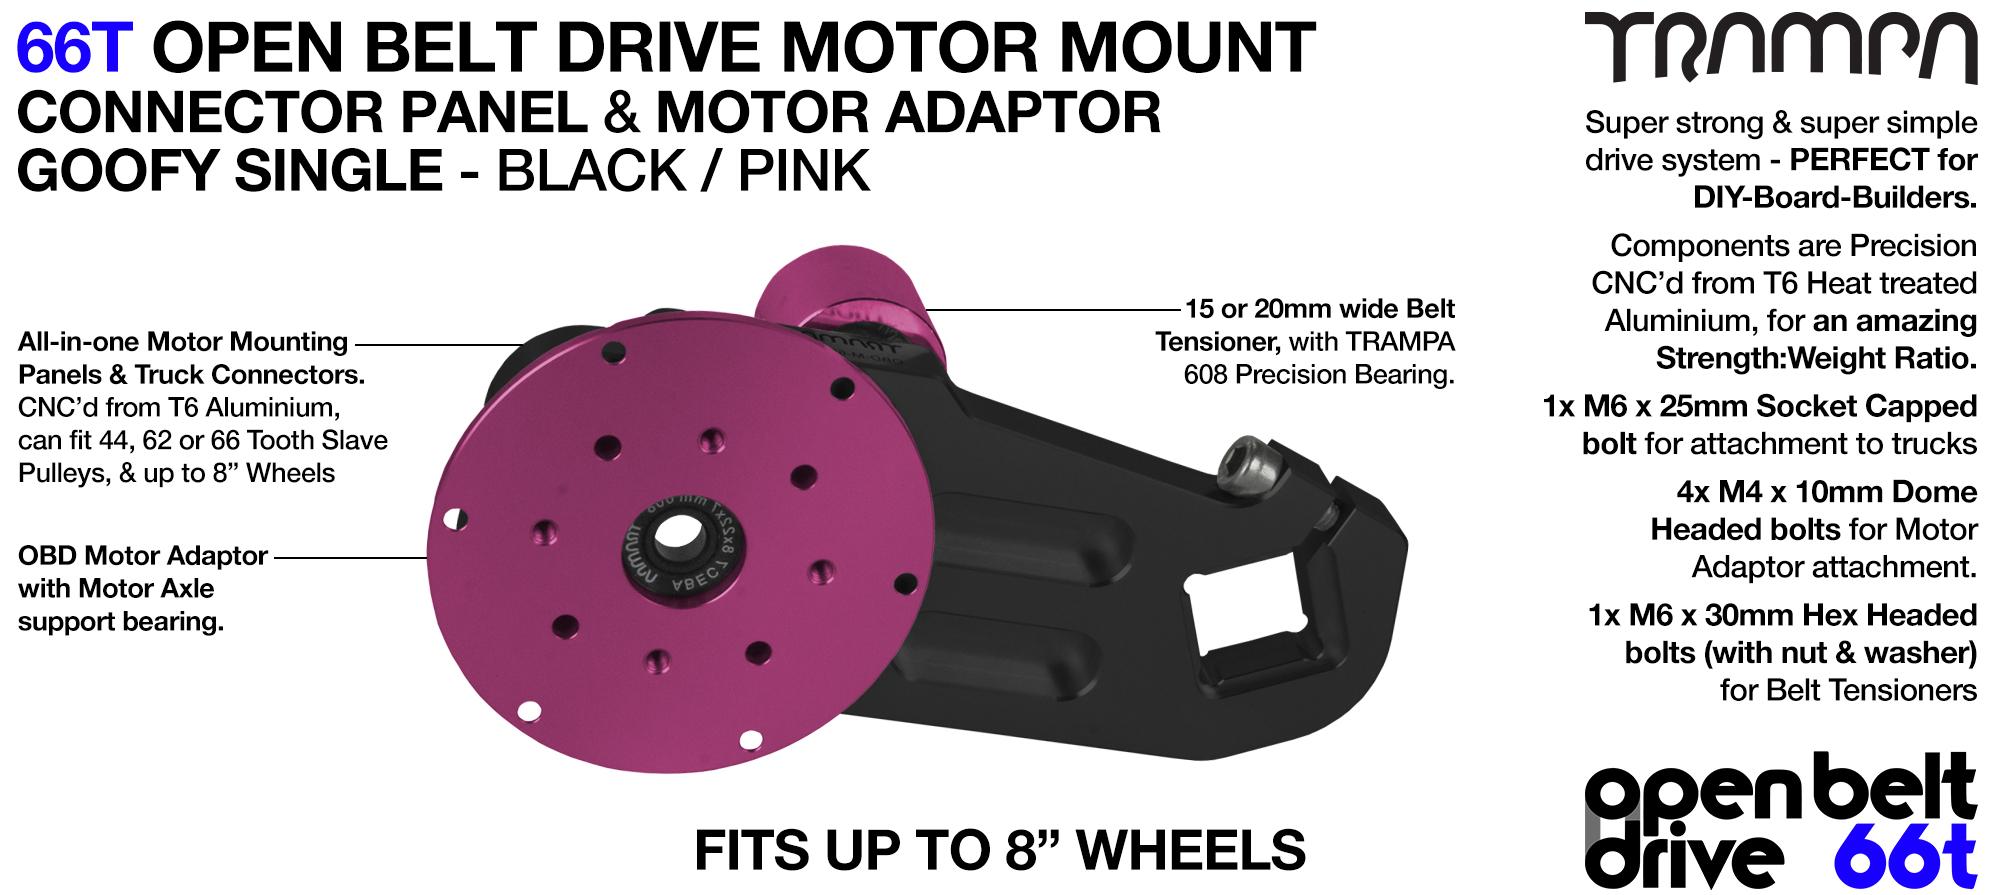 66T OPEN BELT DRIVE Motor Mount & Motor Adaptor - SINGLE PINK